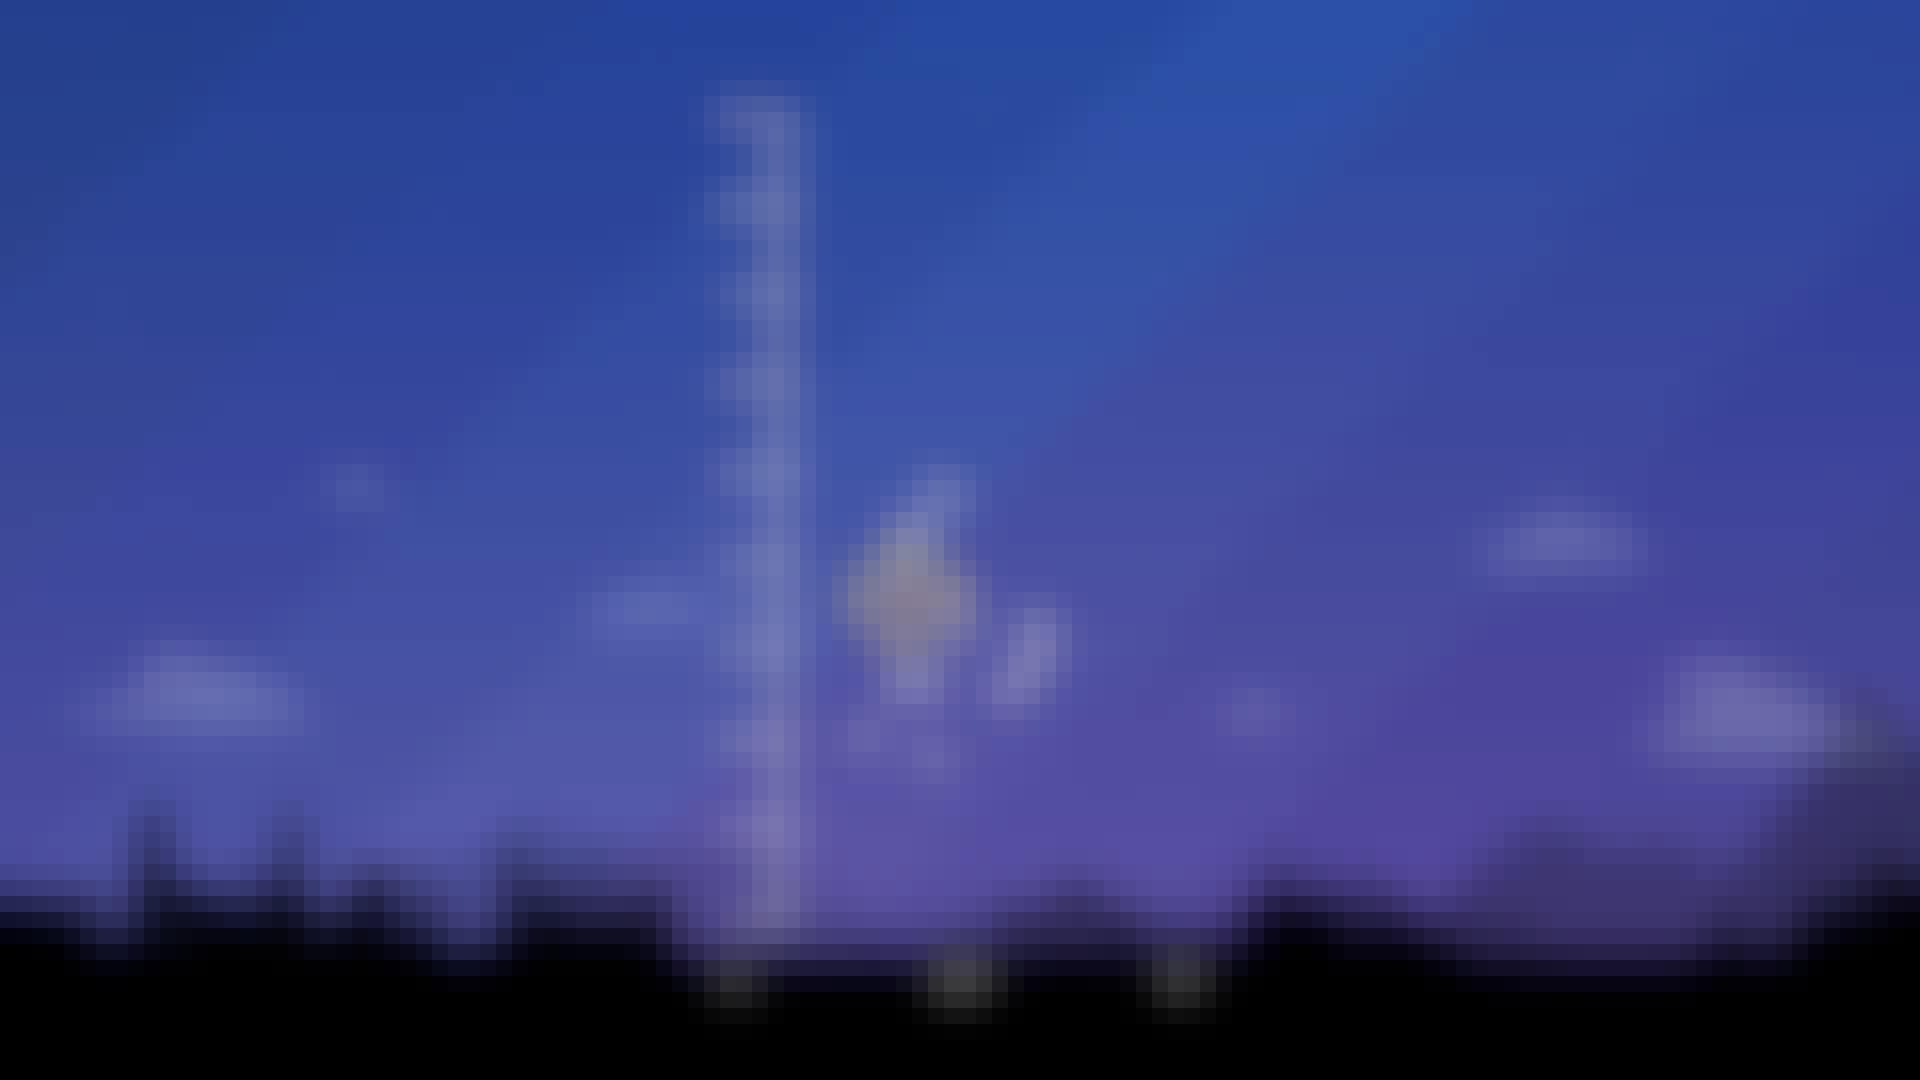 Betelgeuze – Mistä löydät tähden yötaivaalta